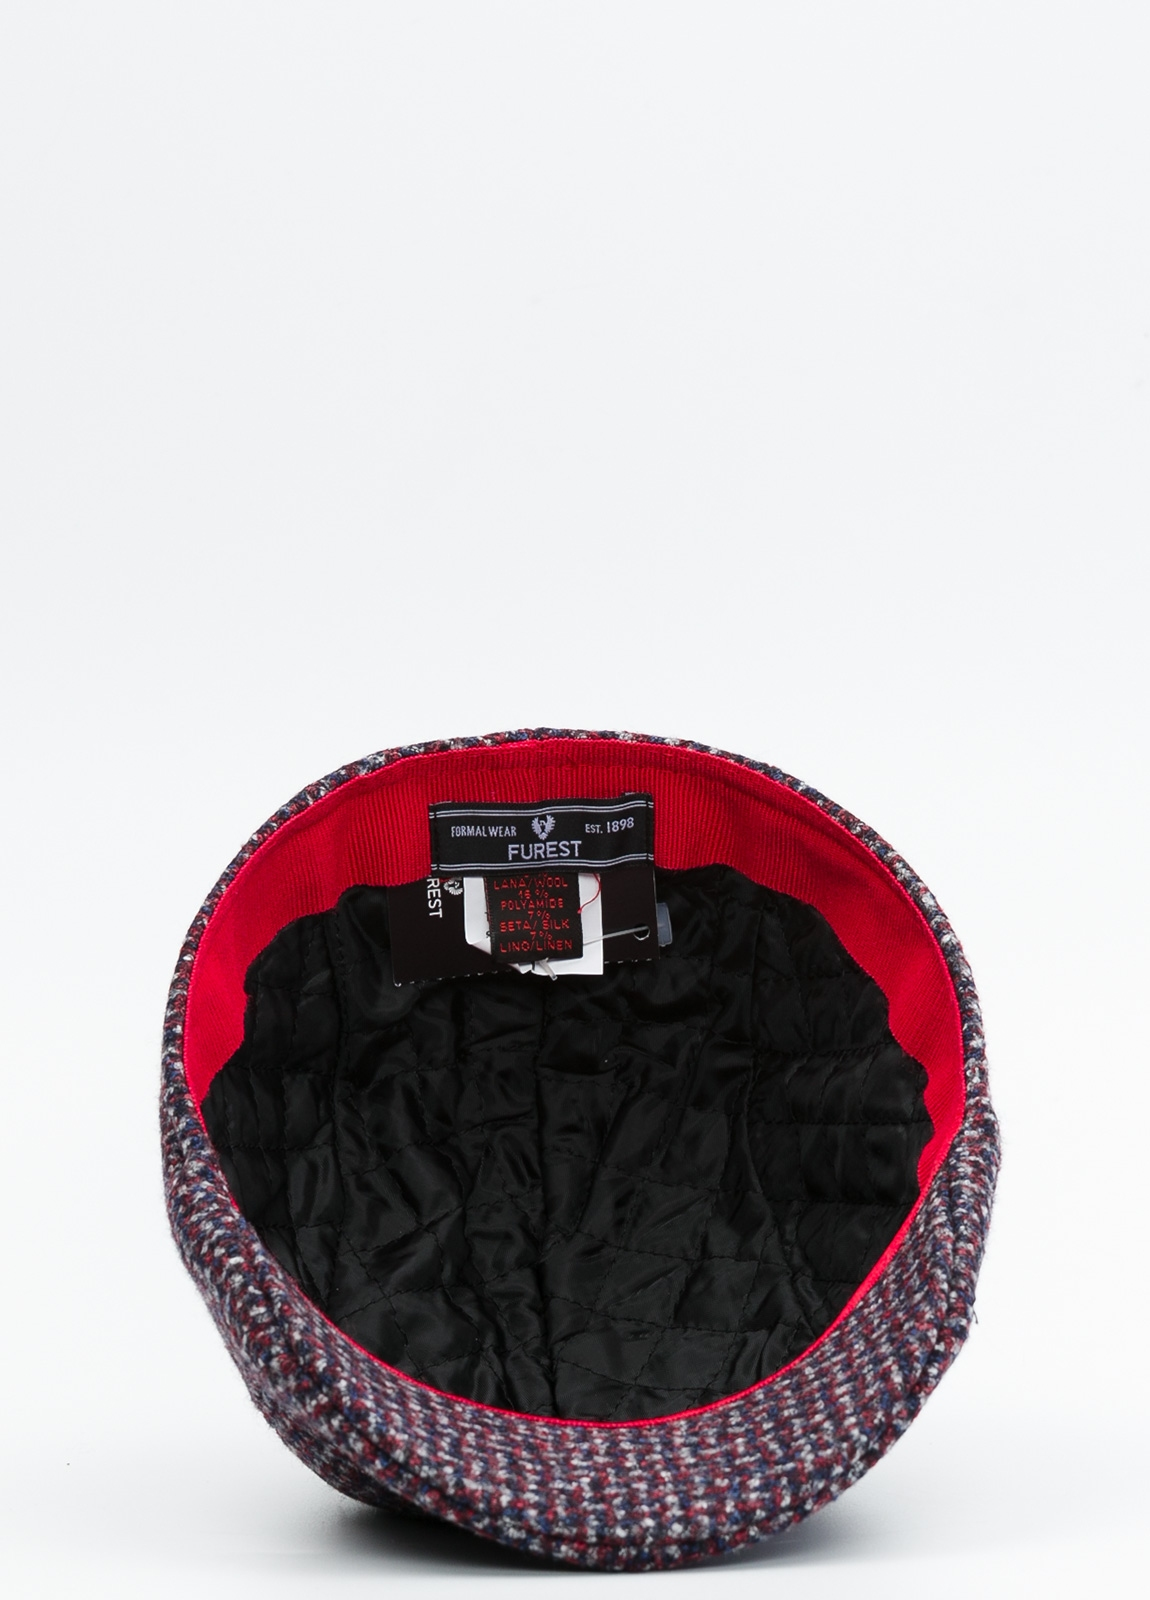 Gorra tipo ascot color granate tejido de lana con diseño jaspeado. - Ítem2